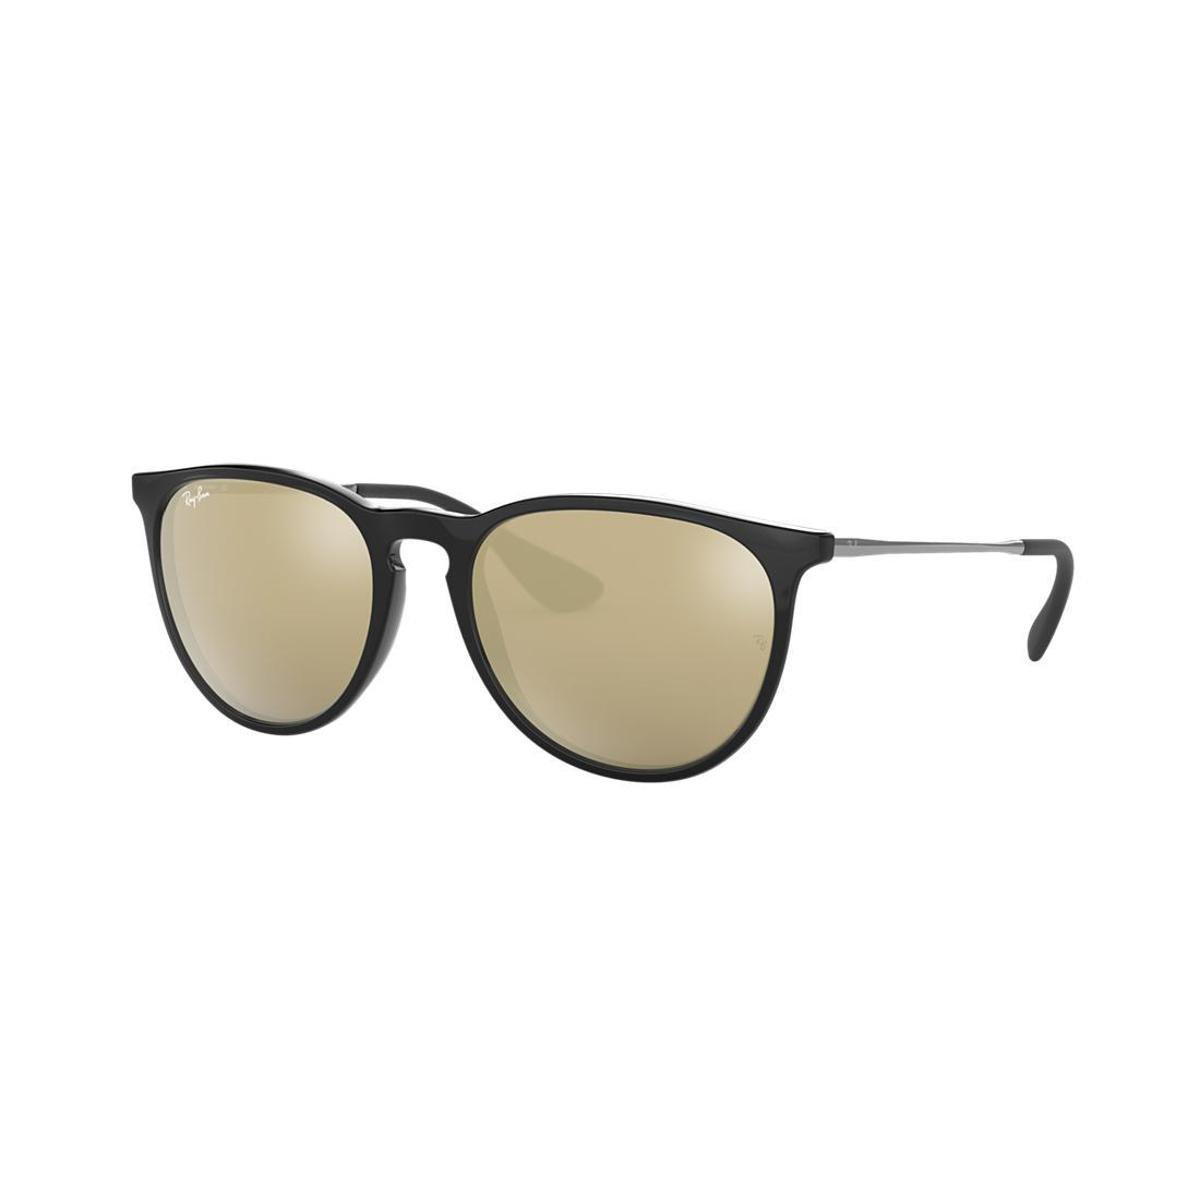 Óculos de Sol Ray-Ban RB4171 Erika - Compre Agora   Zattini e810fe41bb